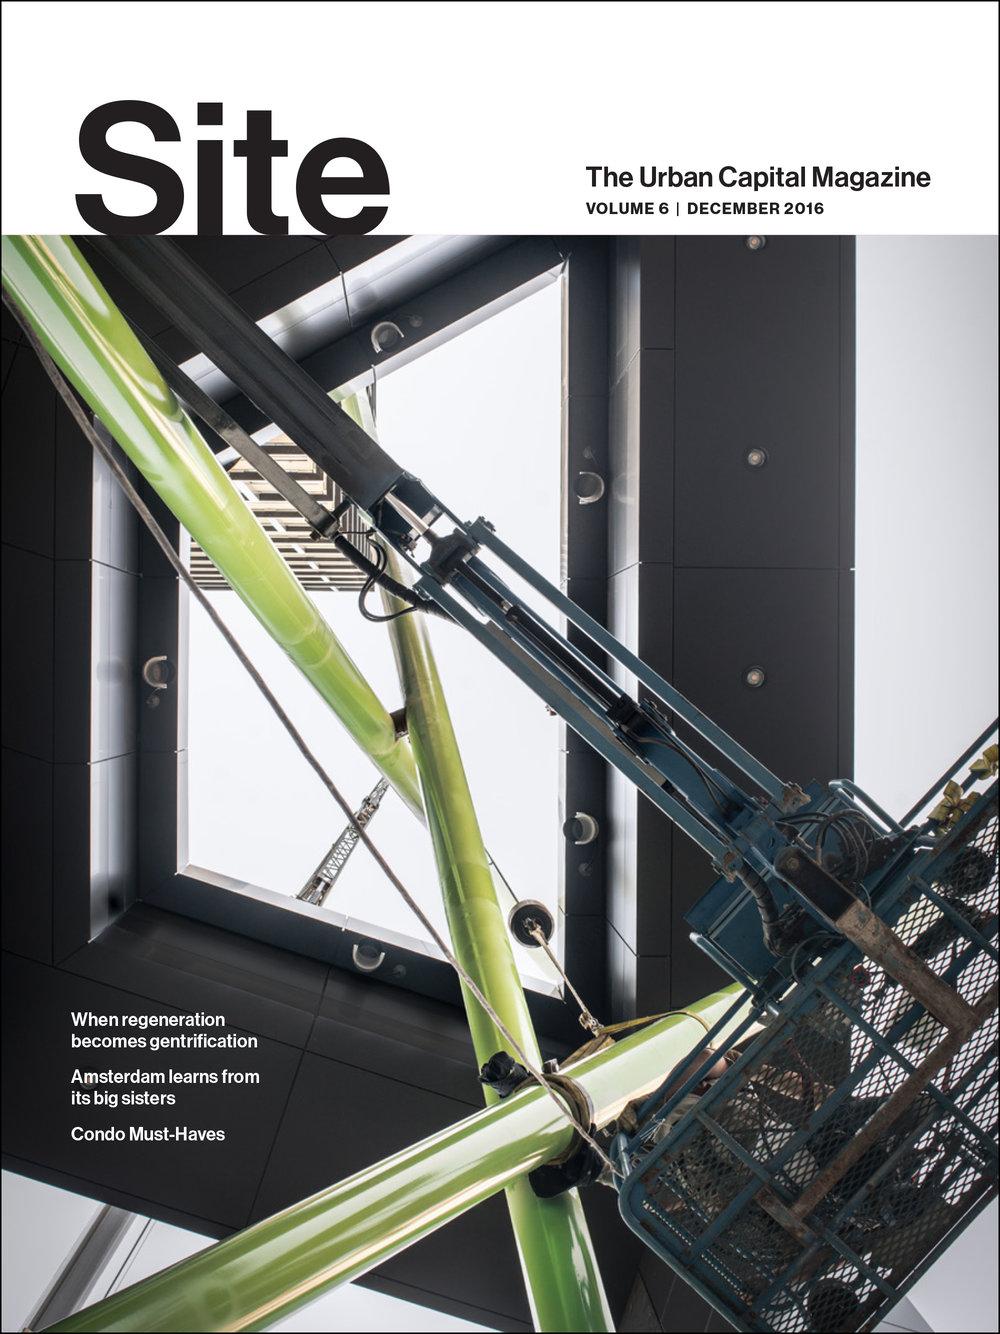 SiteMagazine2016.jpg